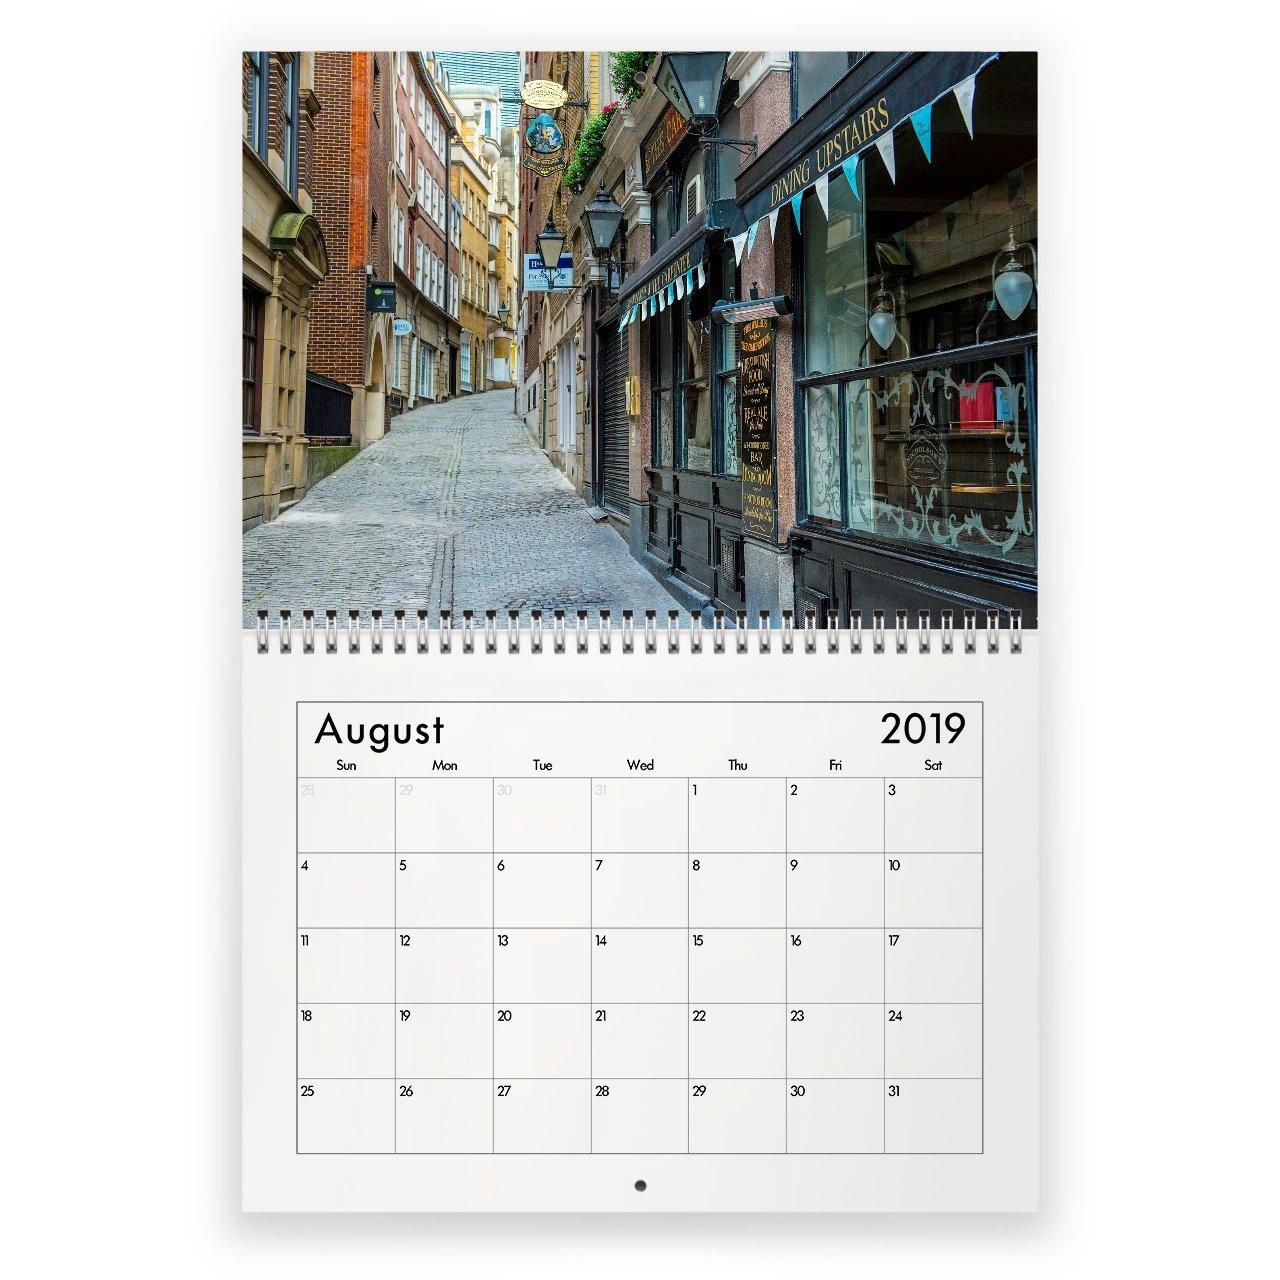 Лондон 2019 Календарь Calendar 2019 London